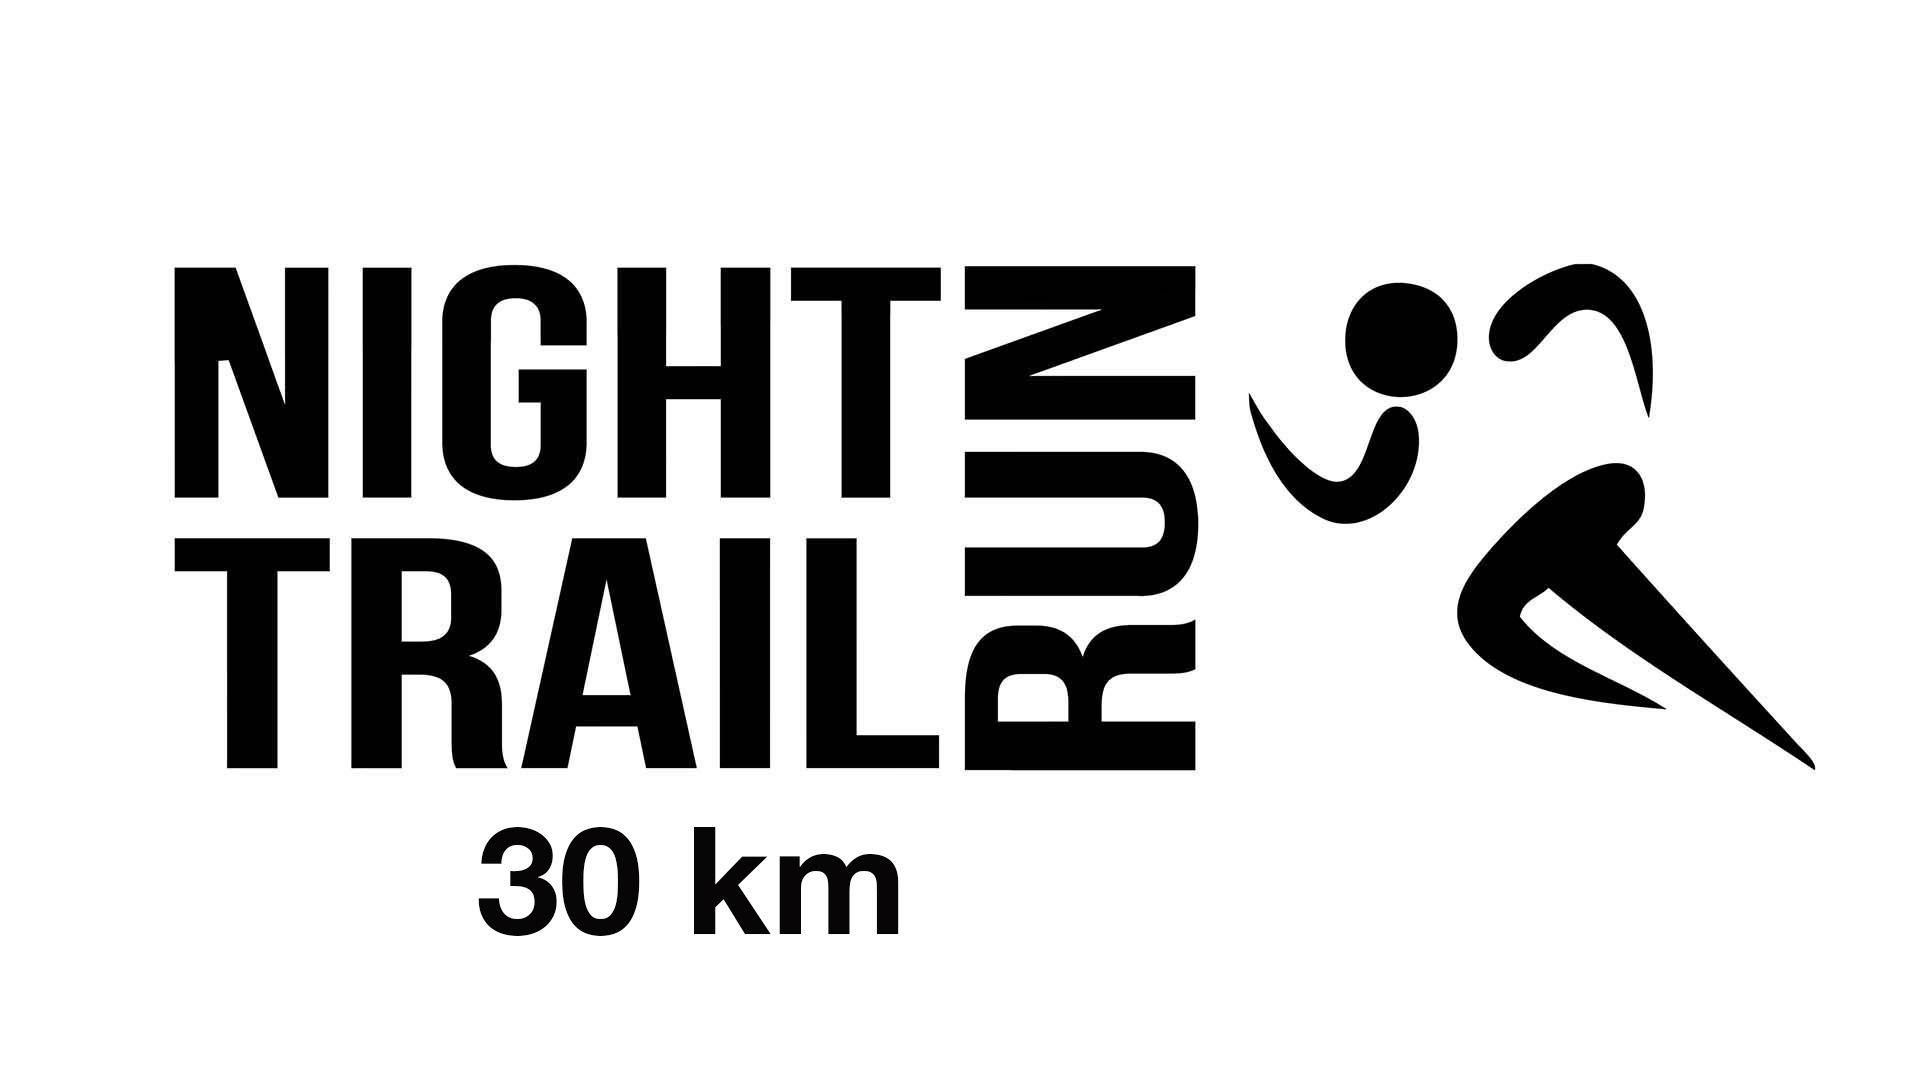 Night Trail Run 30 km